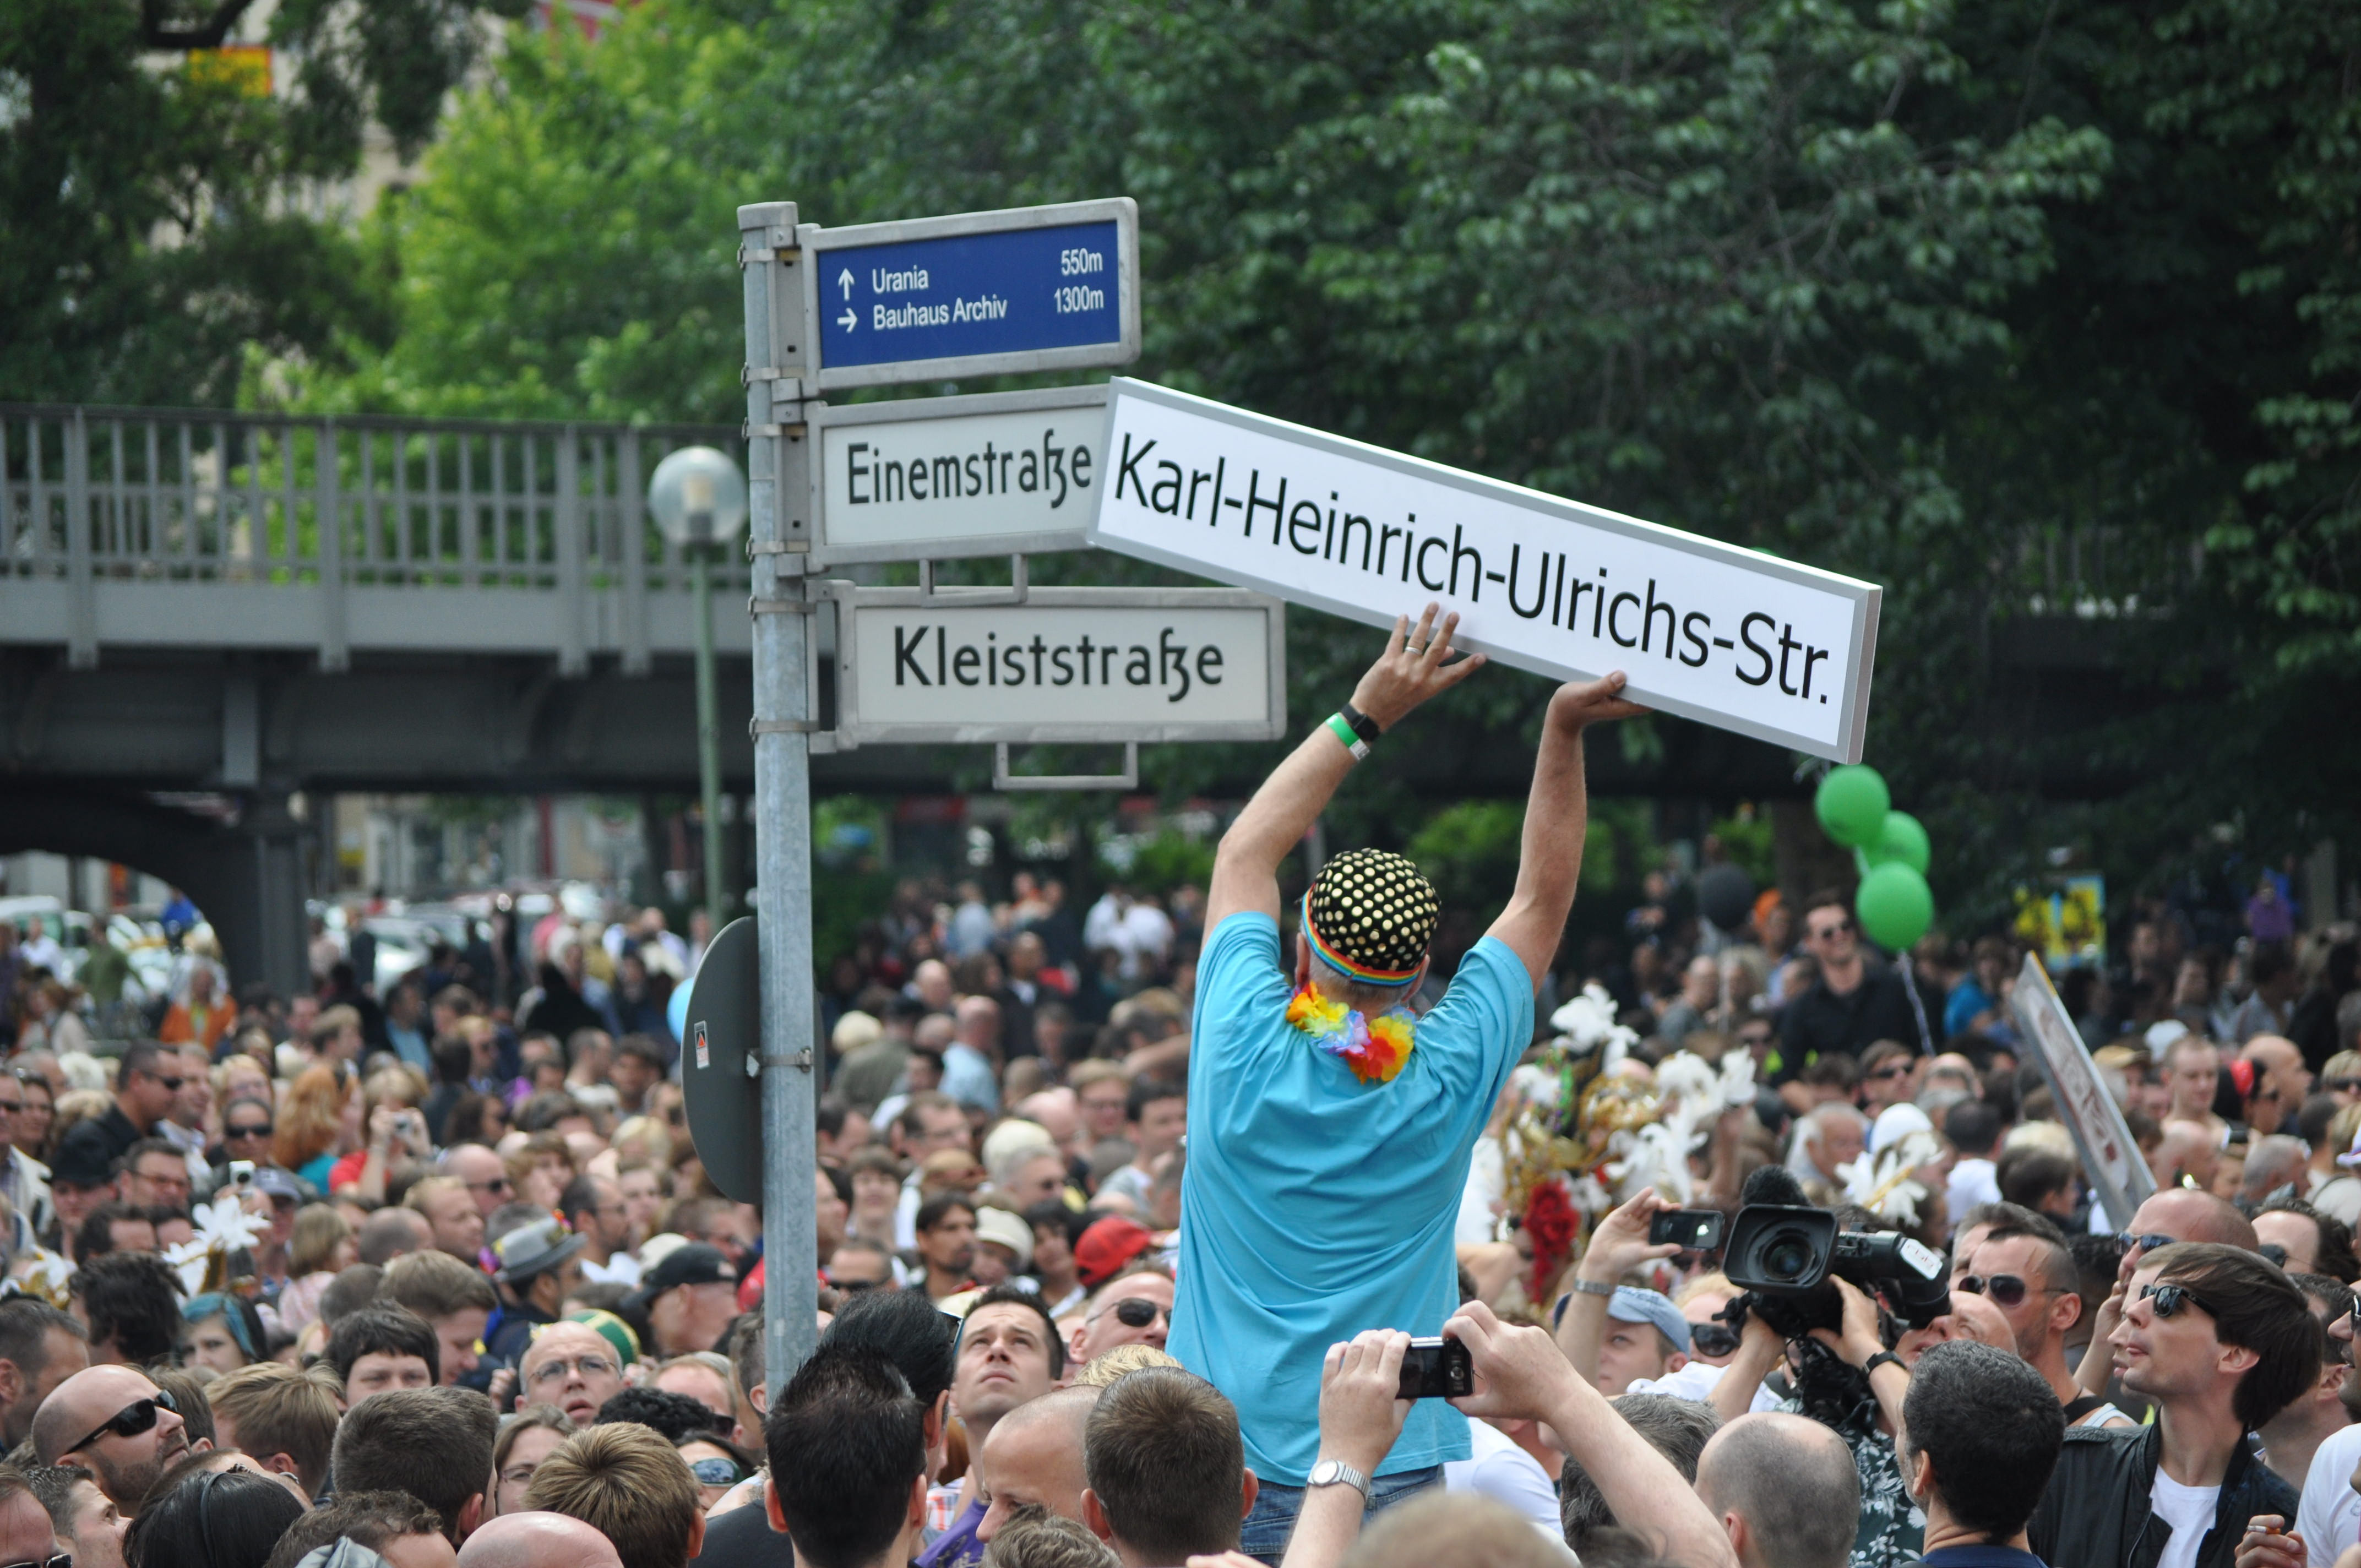 Die Einemstraße in Berlin wurde im vorigen Jahr in Karl-Heinrich-Ulrichs-Straße umbenannt – in Würdigung des Kampfes dieses mutigen Juristen gegen die Ausgrenzung Homosexueller.